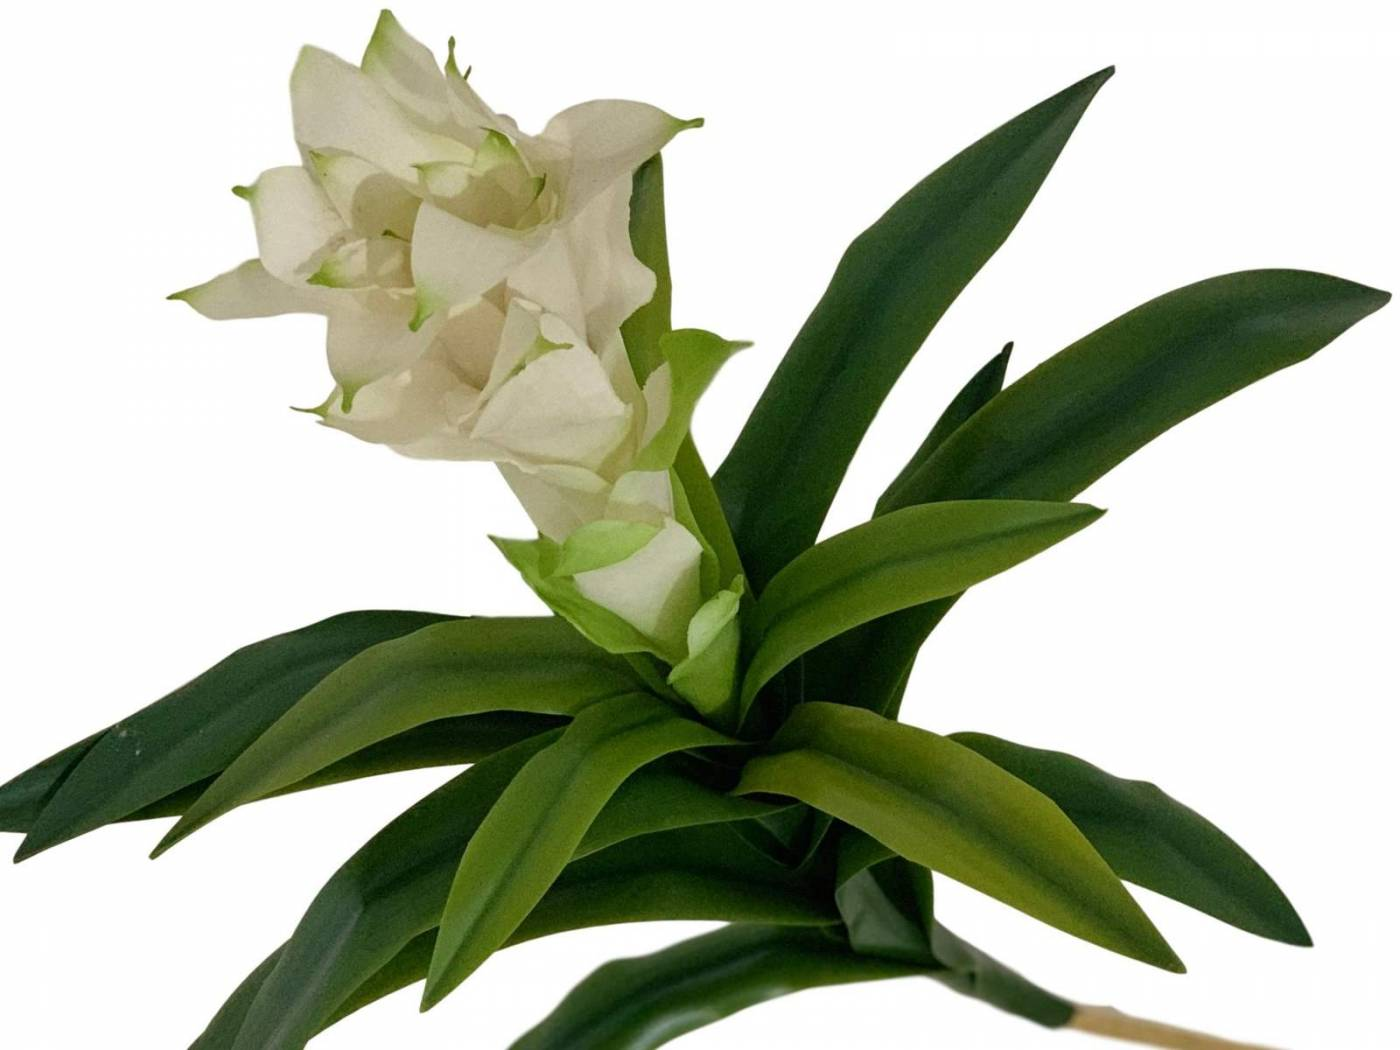 Flor artificial bromélia em silicone toque realista